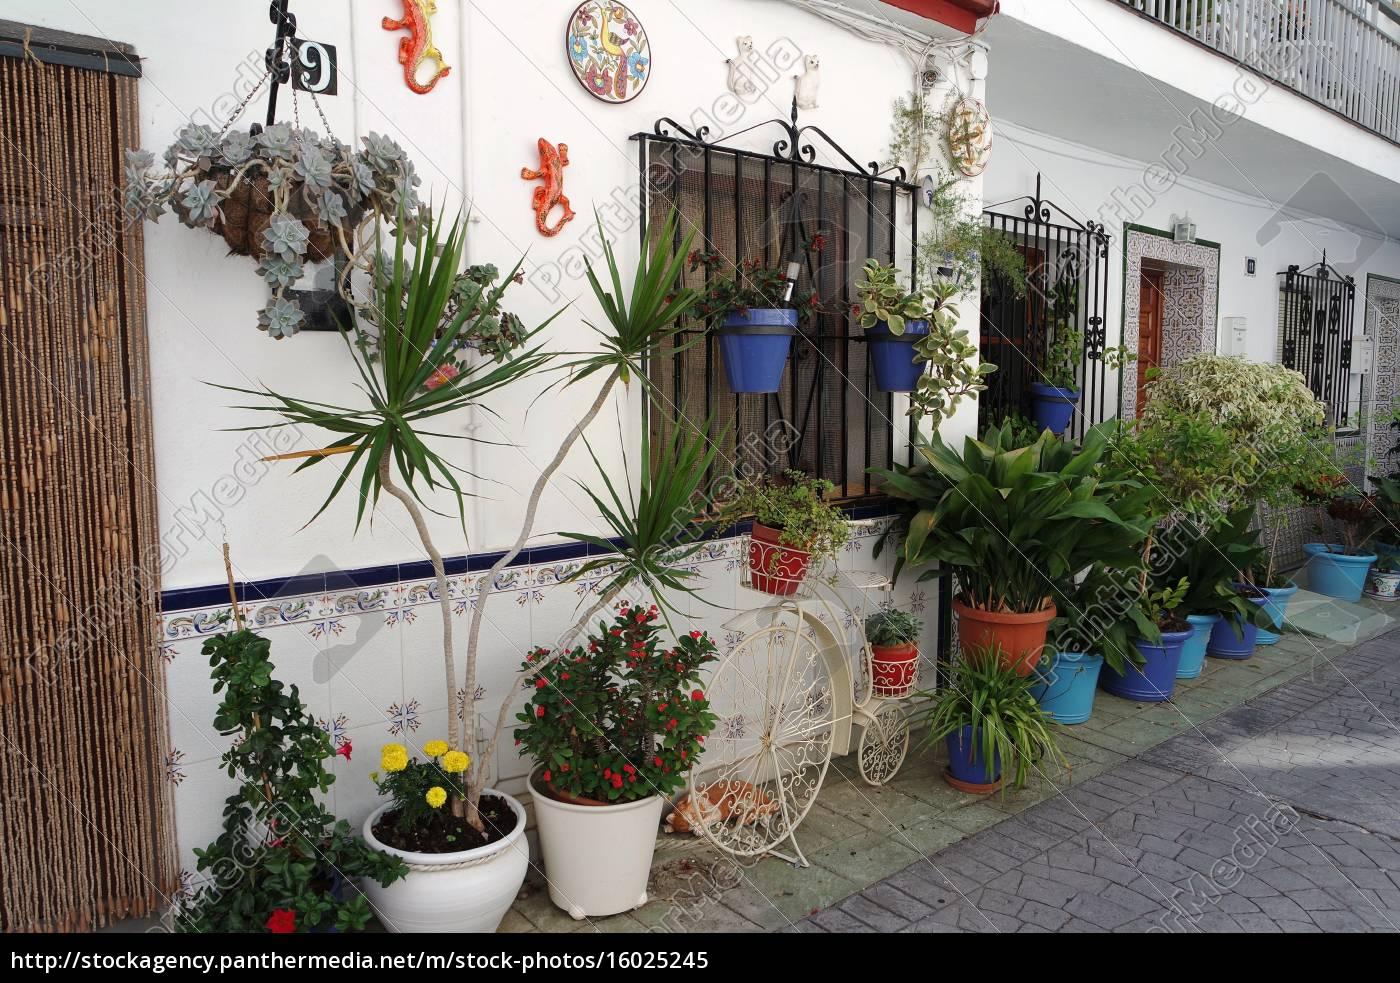 Mit Blumen Dekoriertes Haus In Andalusien Lizenzfreies Bild